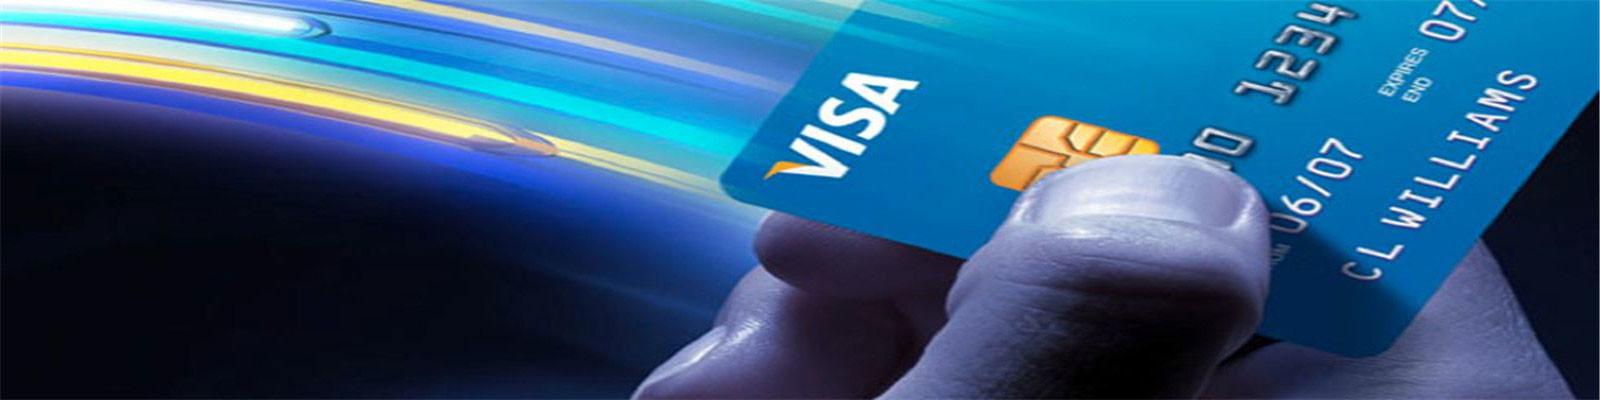 قارئ بطاقة RFID